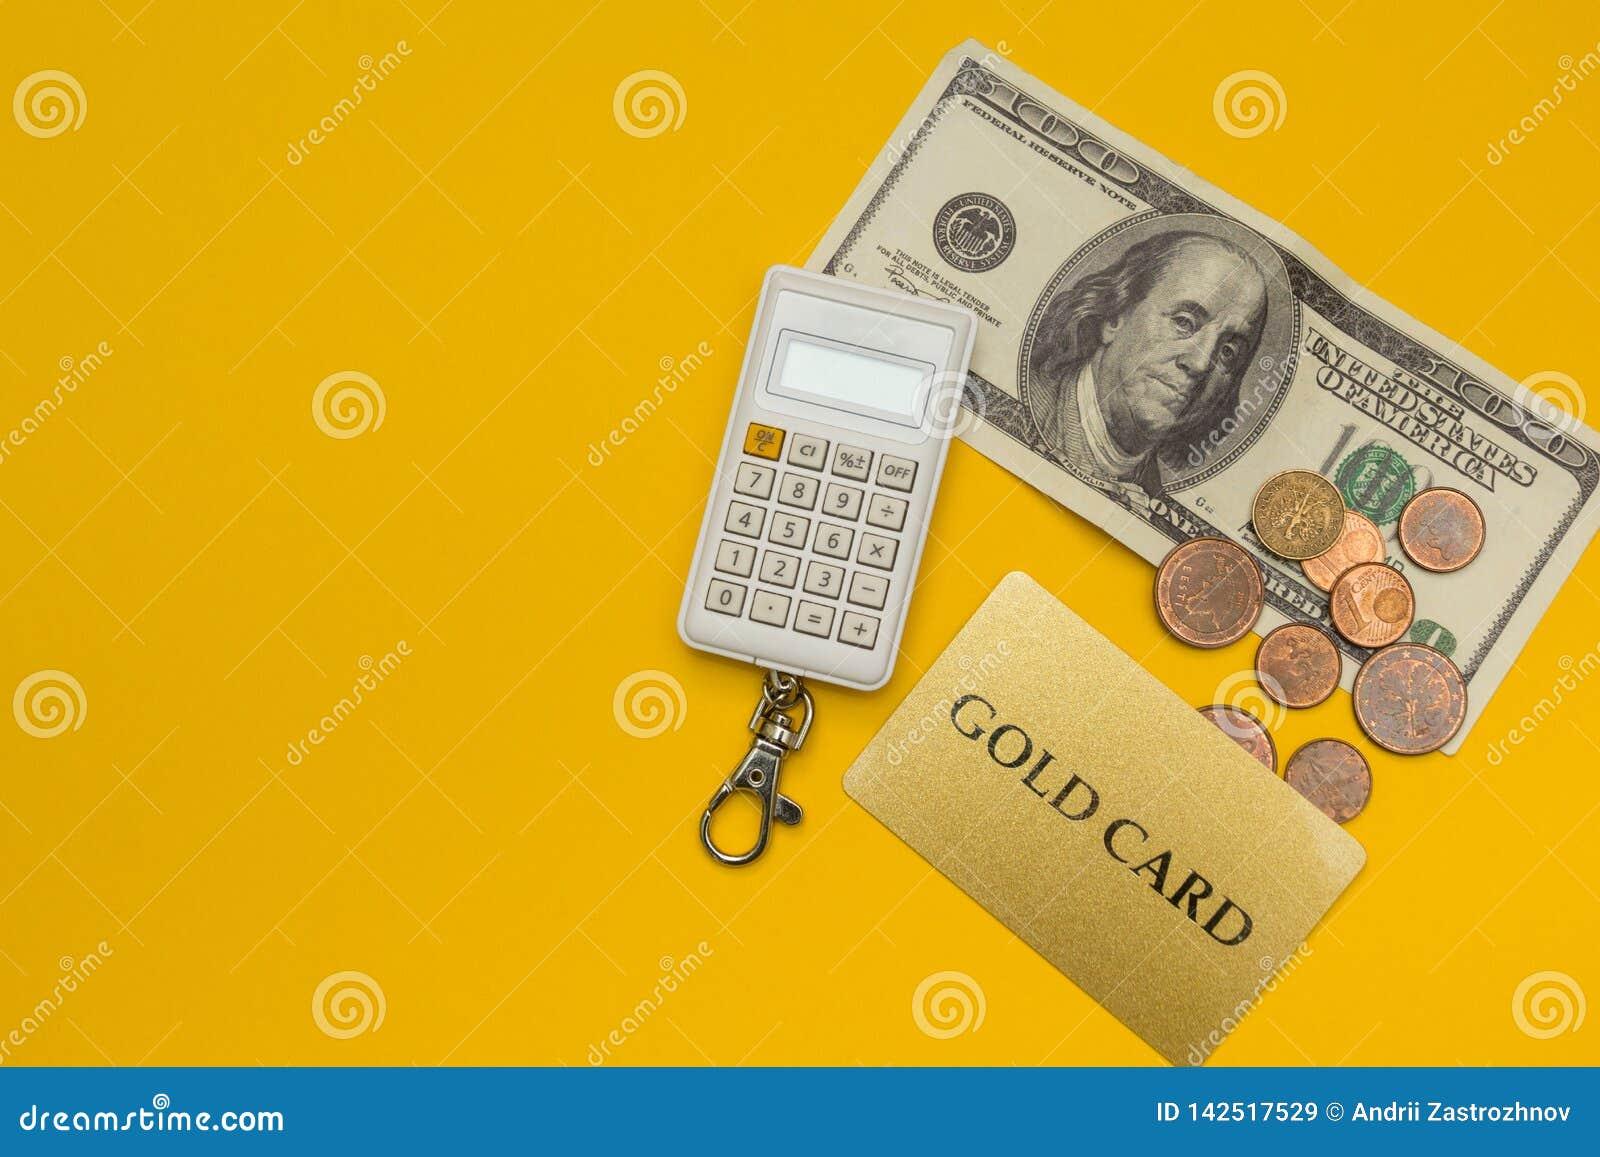 Πιστωτική κάρτα, υπολογιστής και δολάρια στο κίτρινο υπόβαθρο